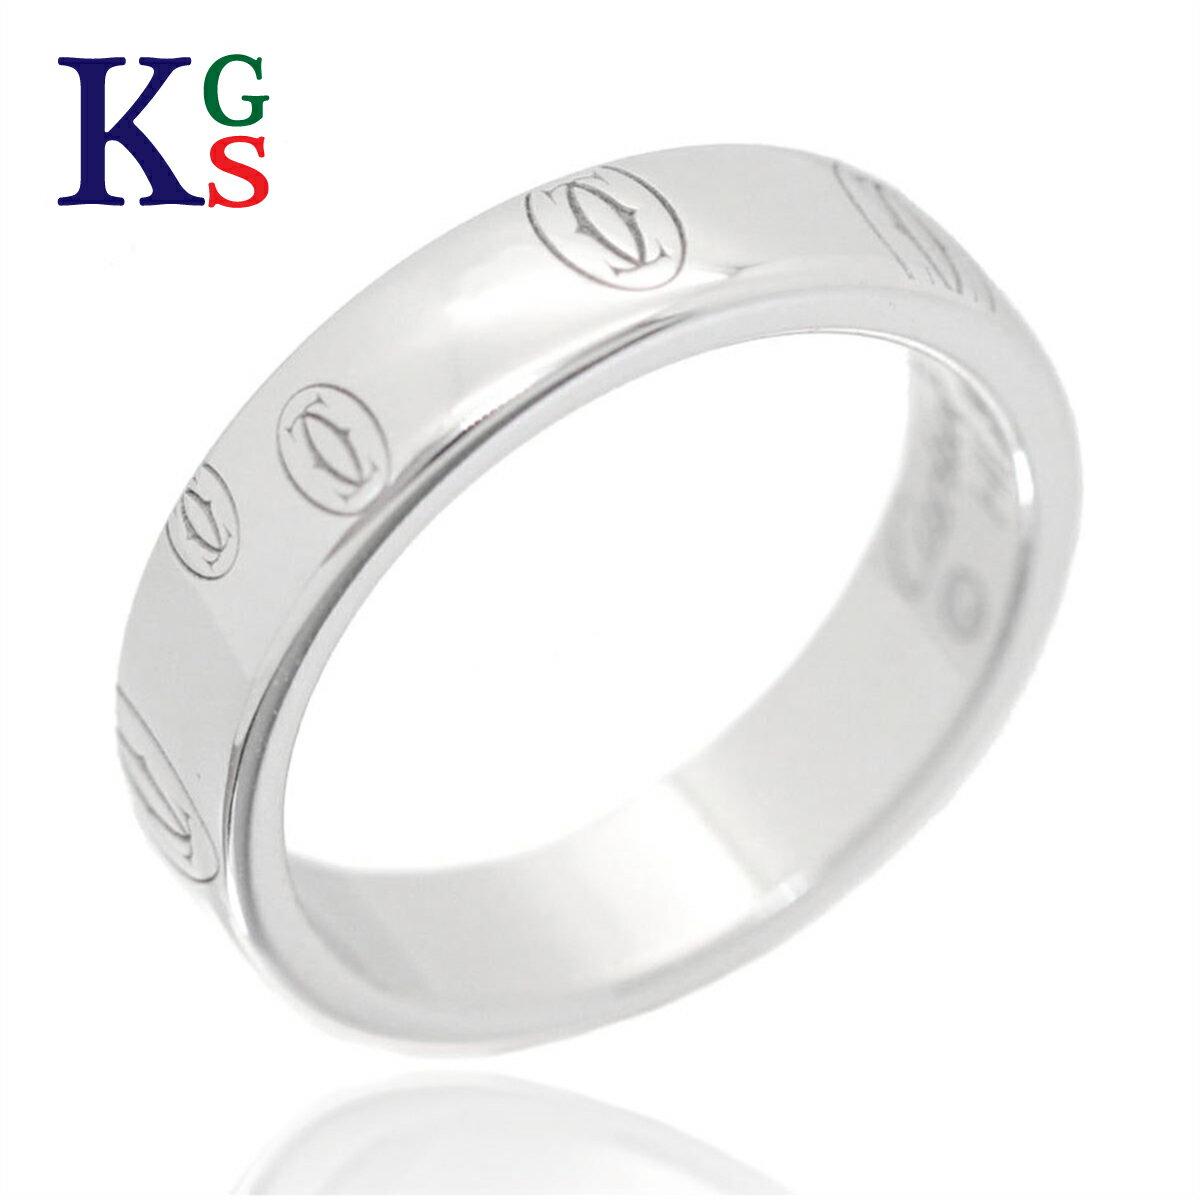 レディースジュエリー・アクセサリー, 指輪・リング Cartier K18WG 750 B4050900